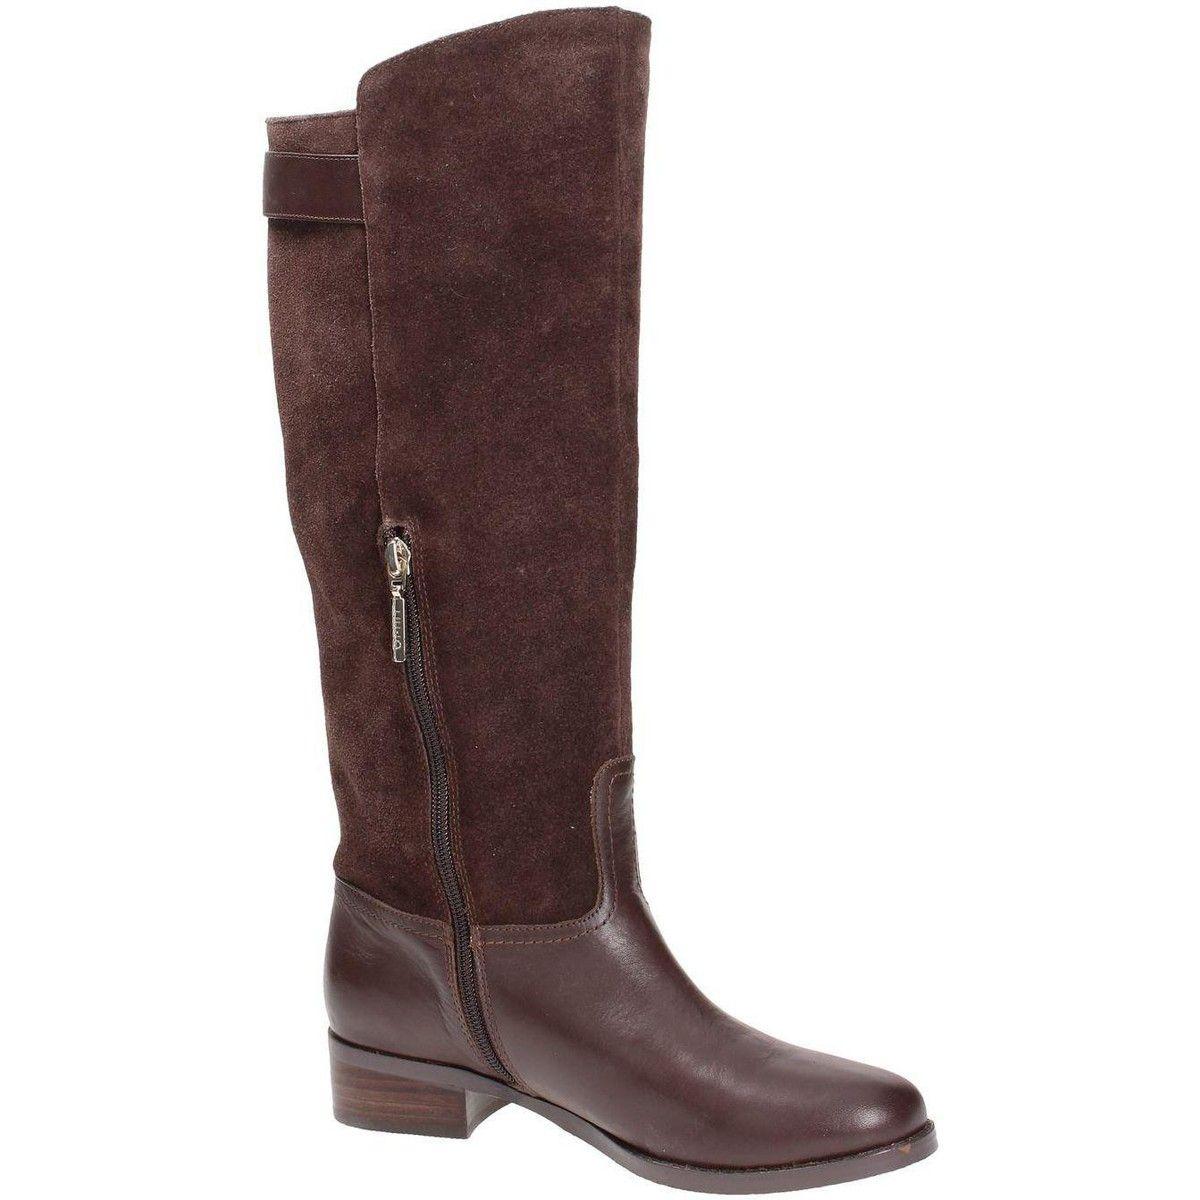 botte ville liu jo shoes s63059p0102 botte femme cuir marrone